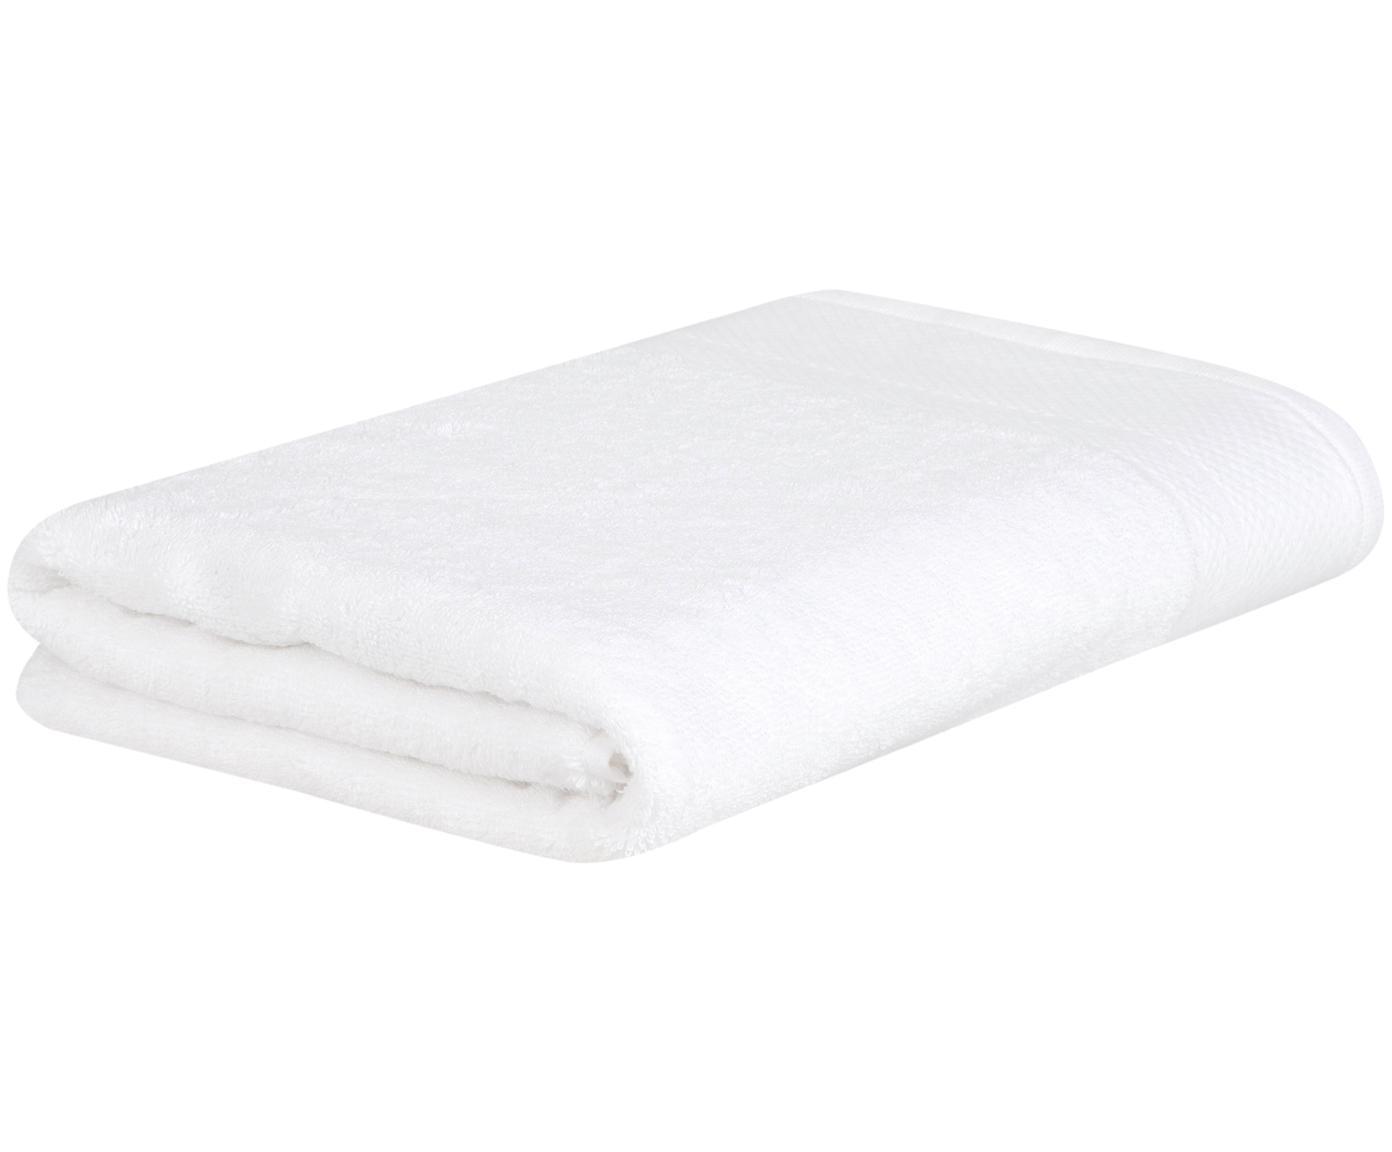 Handtuch Premium mit klassischer Zierbordüre, Weiß, XS Gästehandtuch